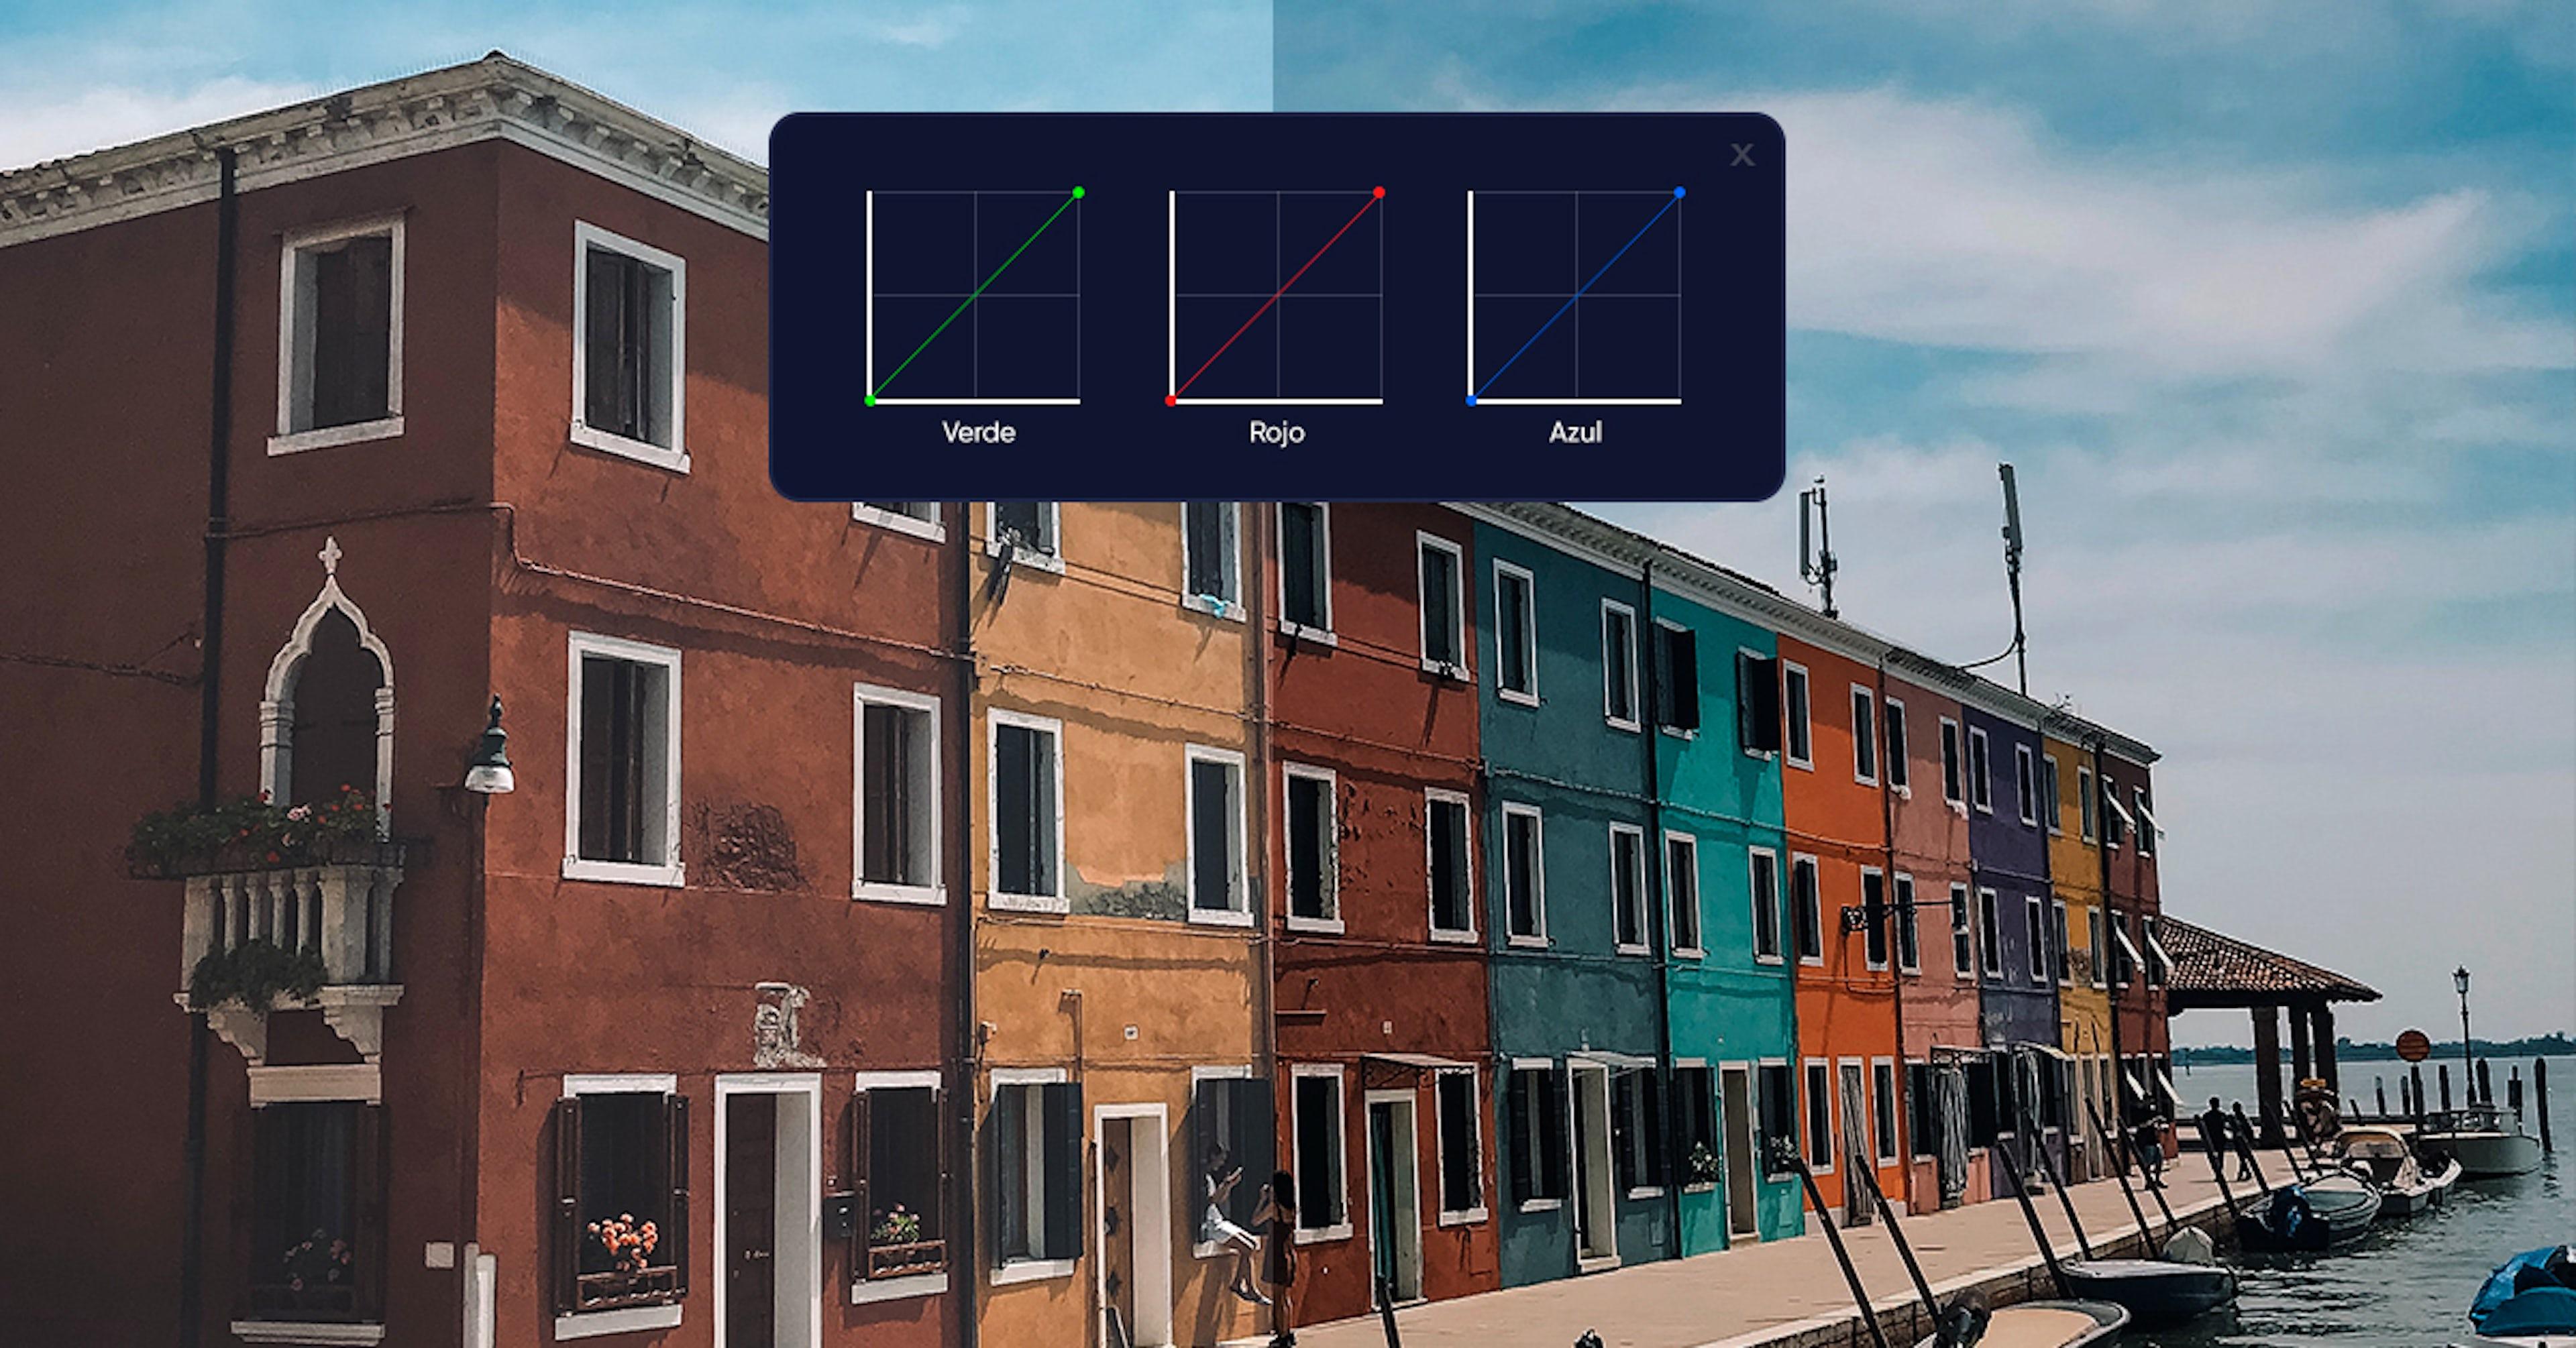 ¿Qué es la corrección de color en edición de video? ¡Dale dinamismo a tu imagen!